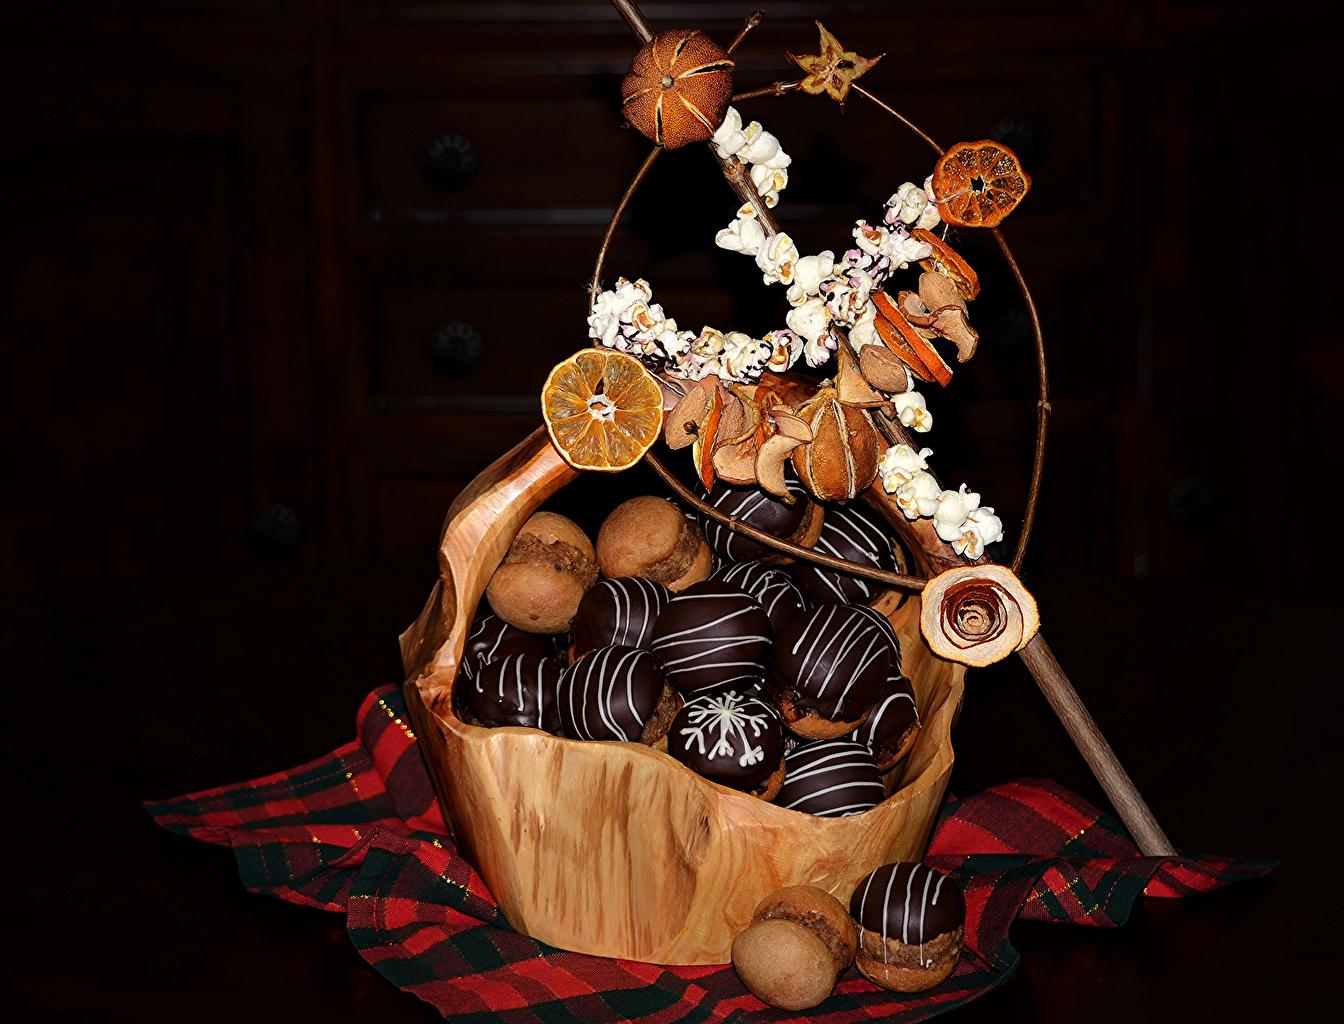 Фото Шоколад корзины Еда Сладости Пирожное Черный фон Корзина Корзинка Пища Продукты питания сладкая еда на черном фоне